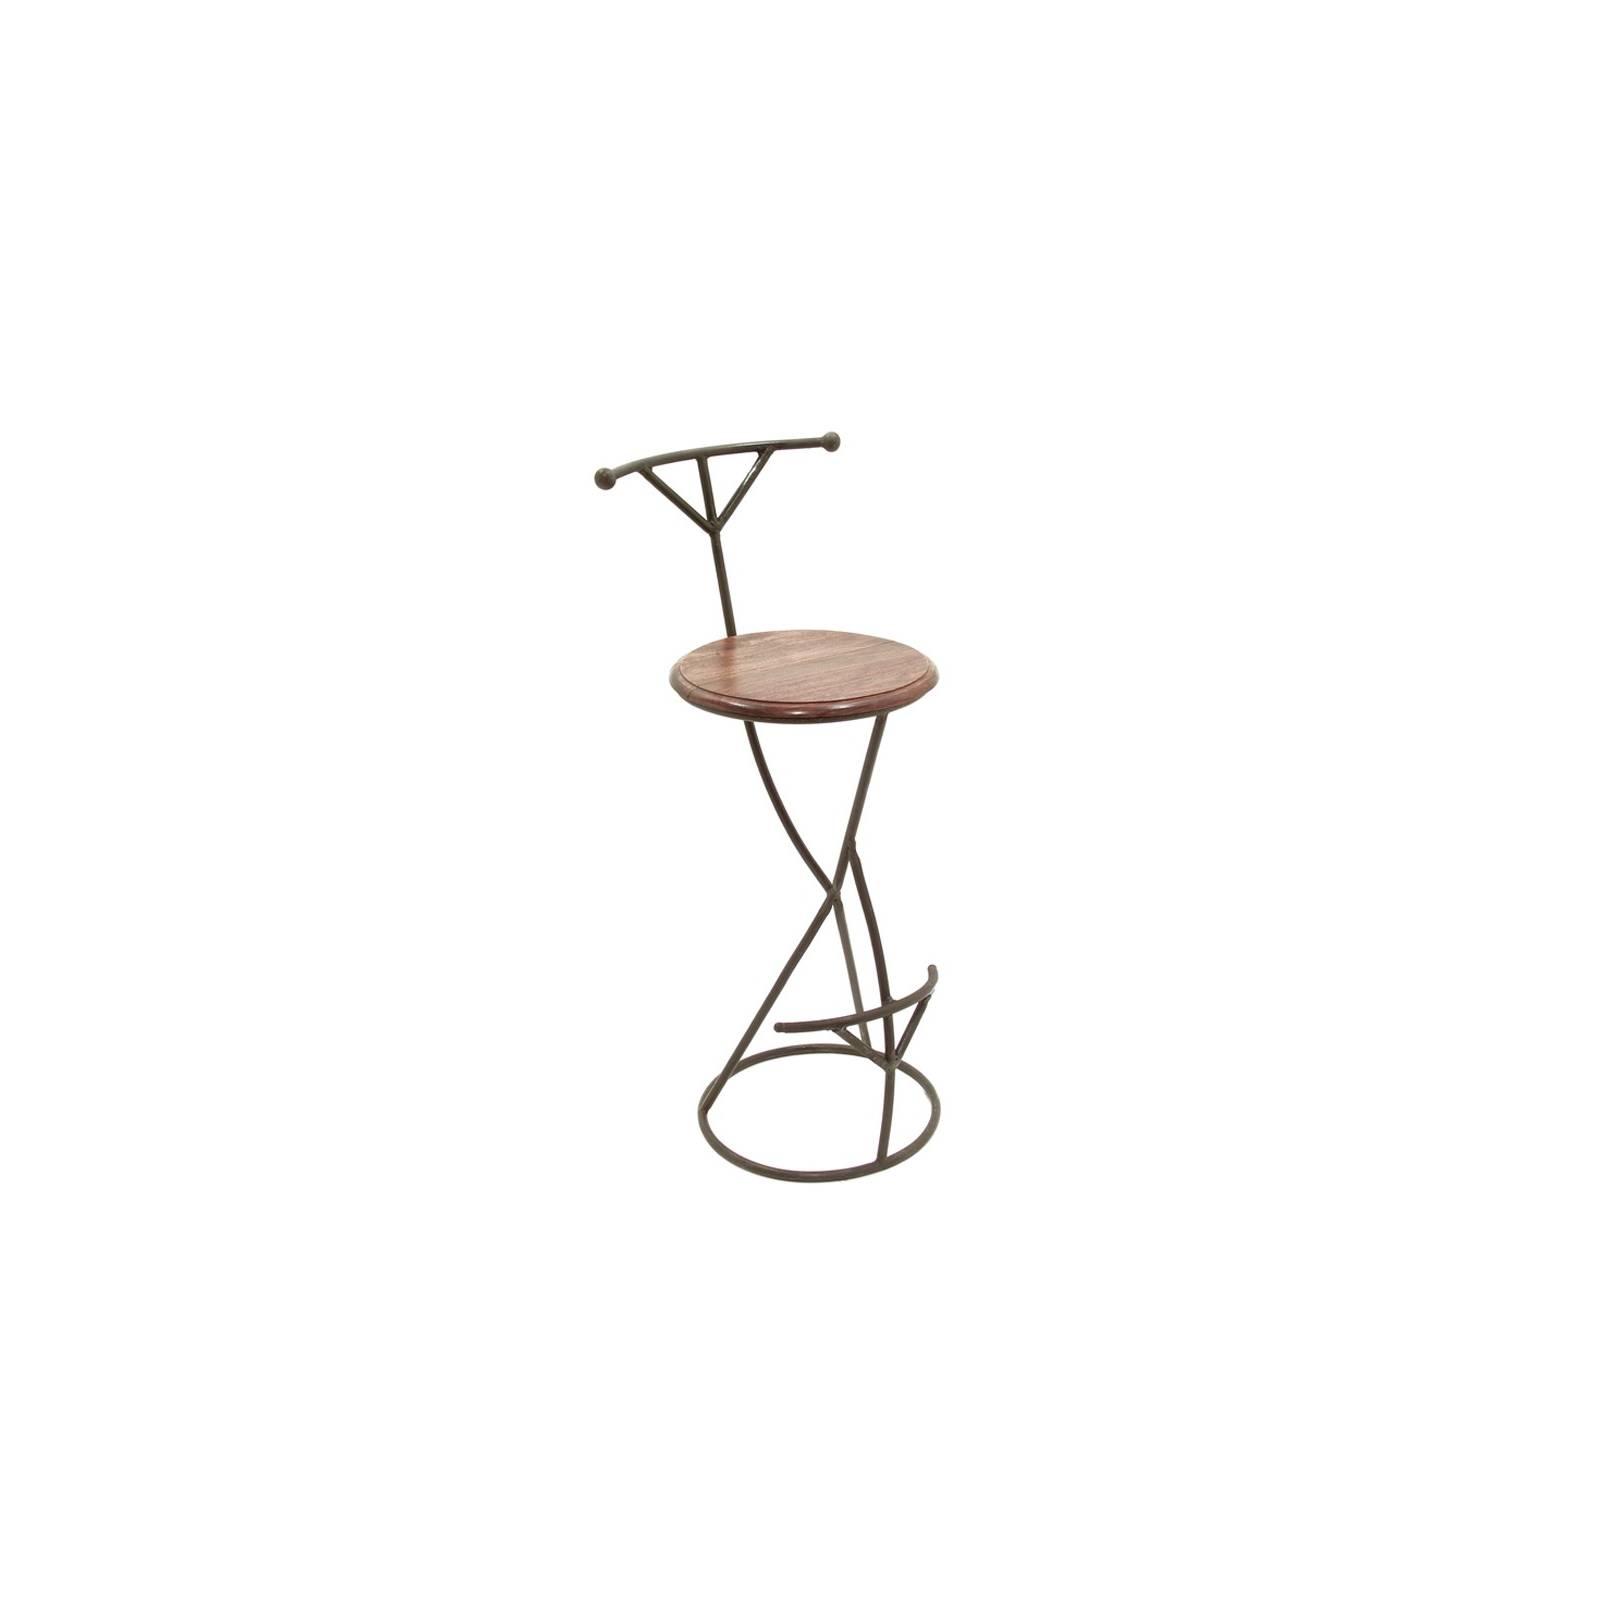 tabouret de bar design meuble en fer forg et palissandre. Black Bedroom Furniture Sets. Home Design Ideas